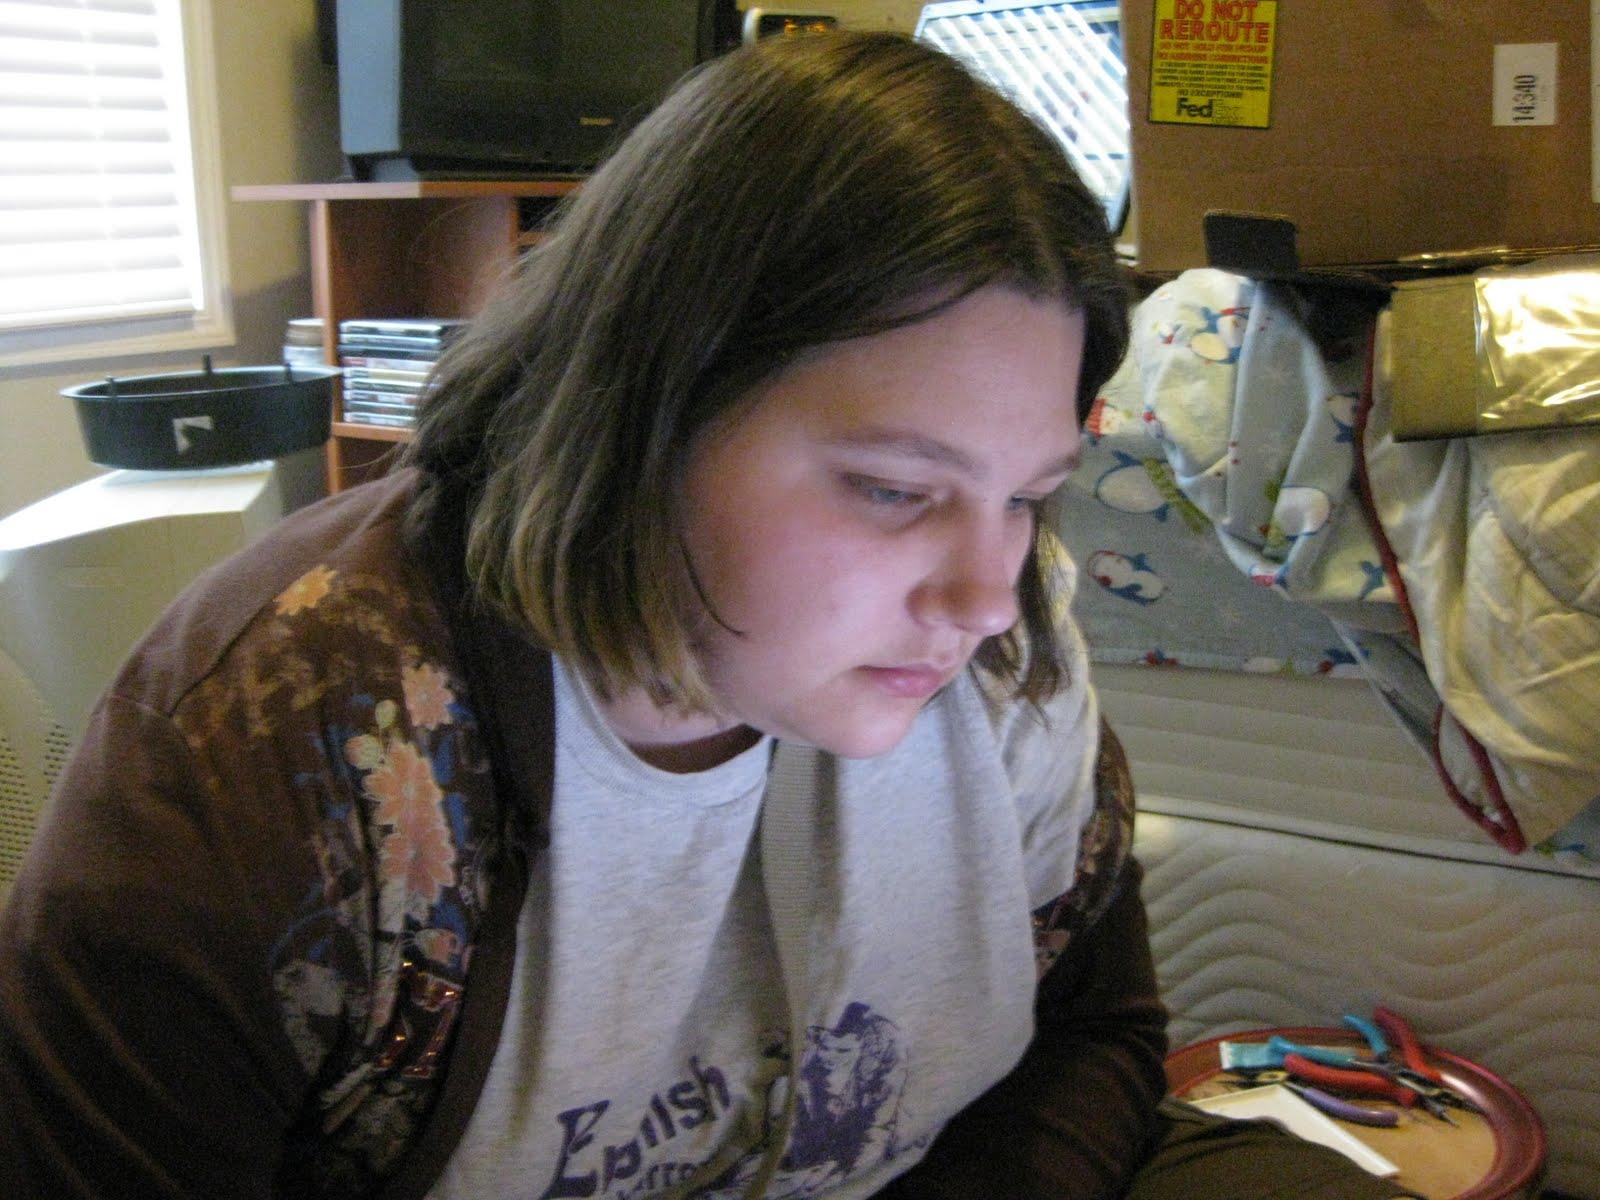 http://3.bp.blogspot.com/_0ppLhuA3OSo/S-rV9g00dgI/AAAAAAAABOE/lVR8njkPfK4/s1600/chelsea+campbell.JPG